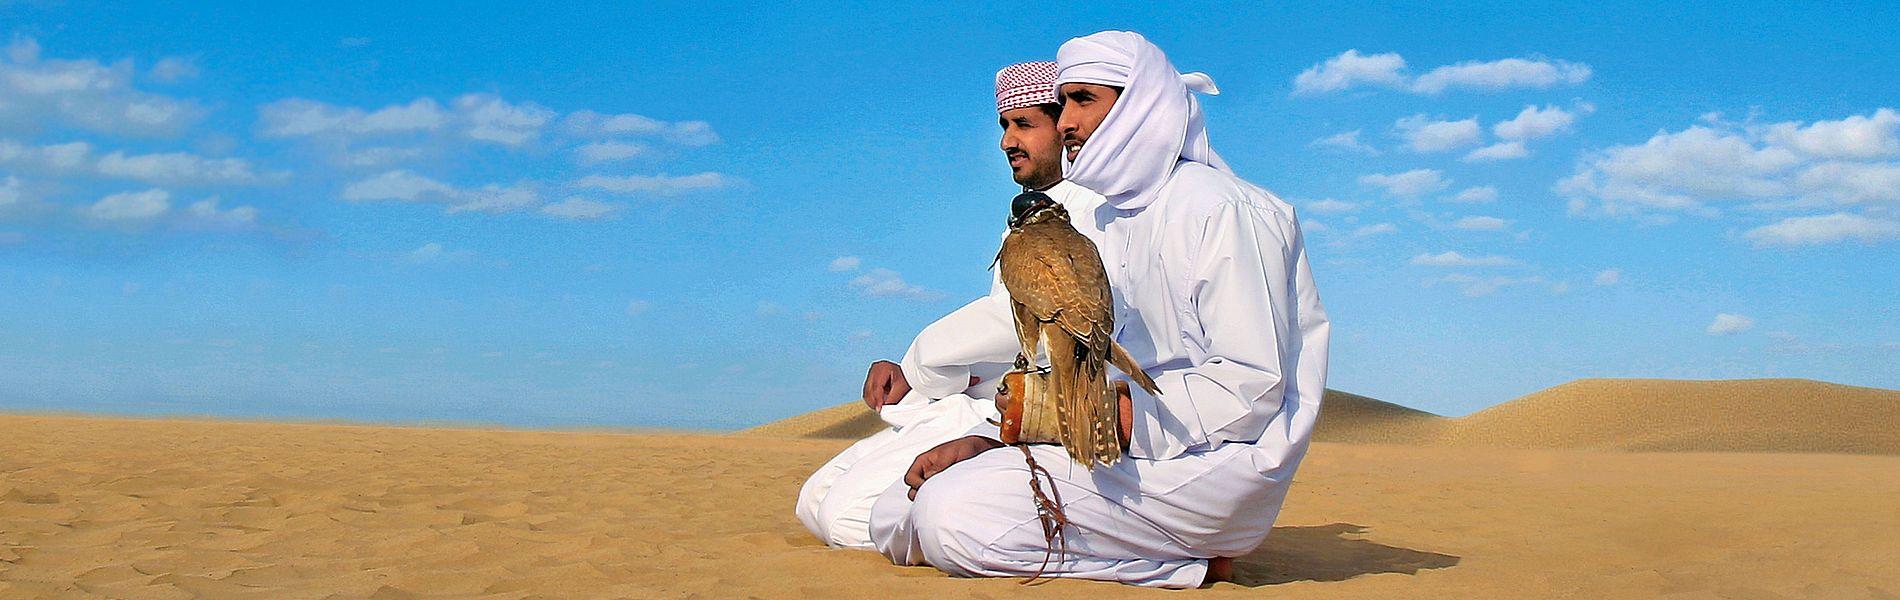 Zwei Arabische Falkner in Traditioneller Kleidung, in der Wüste